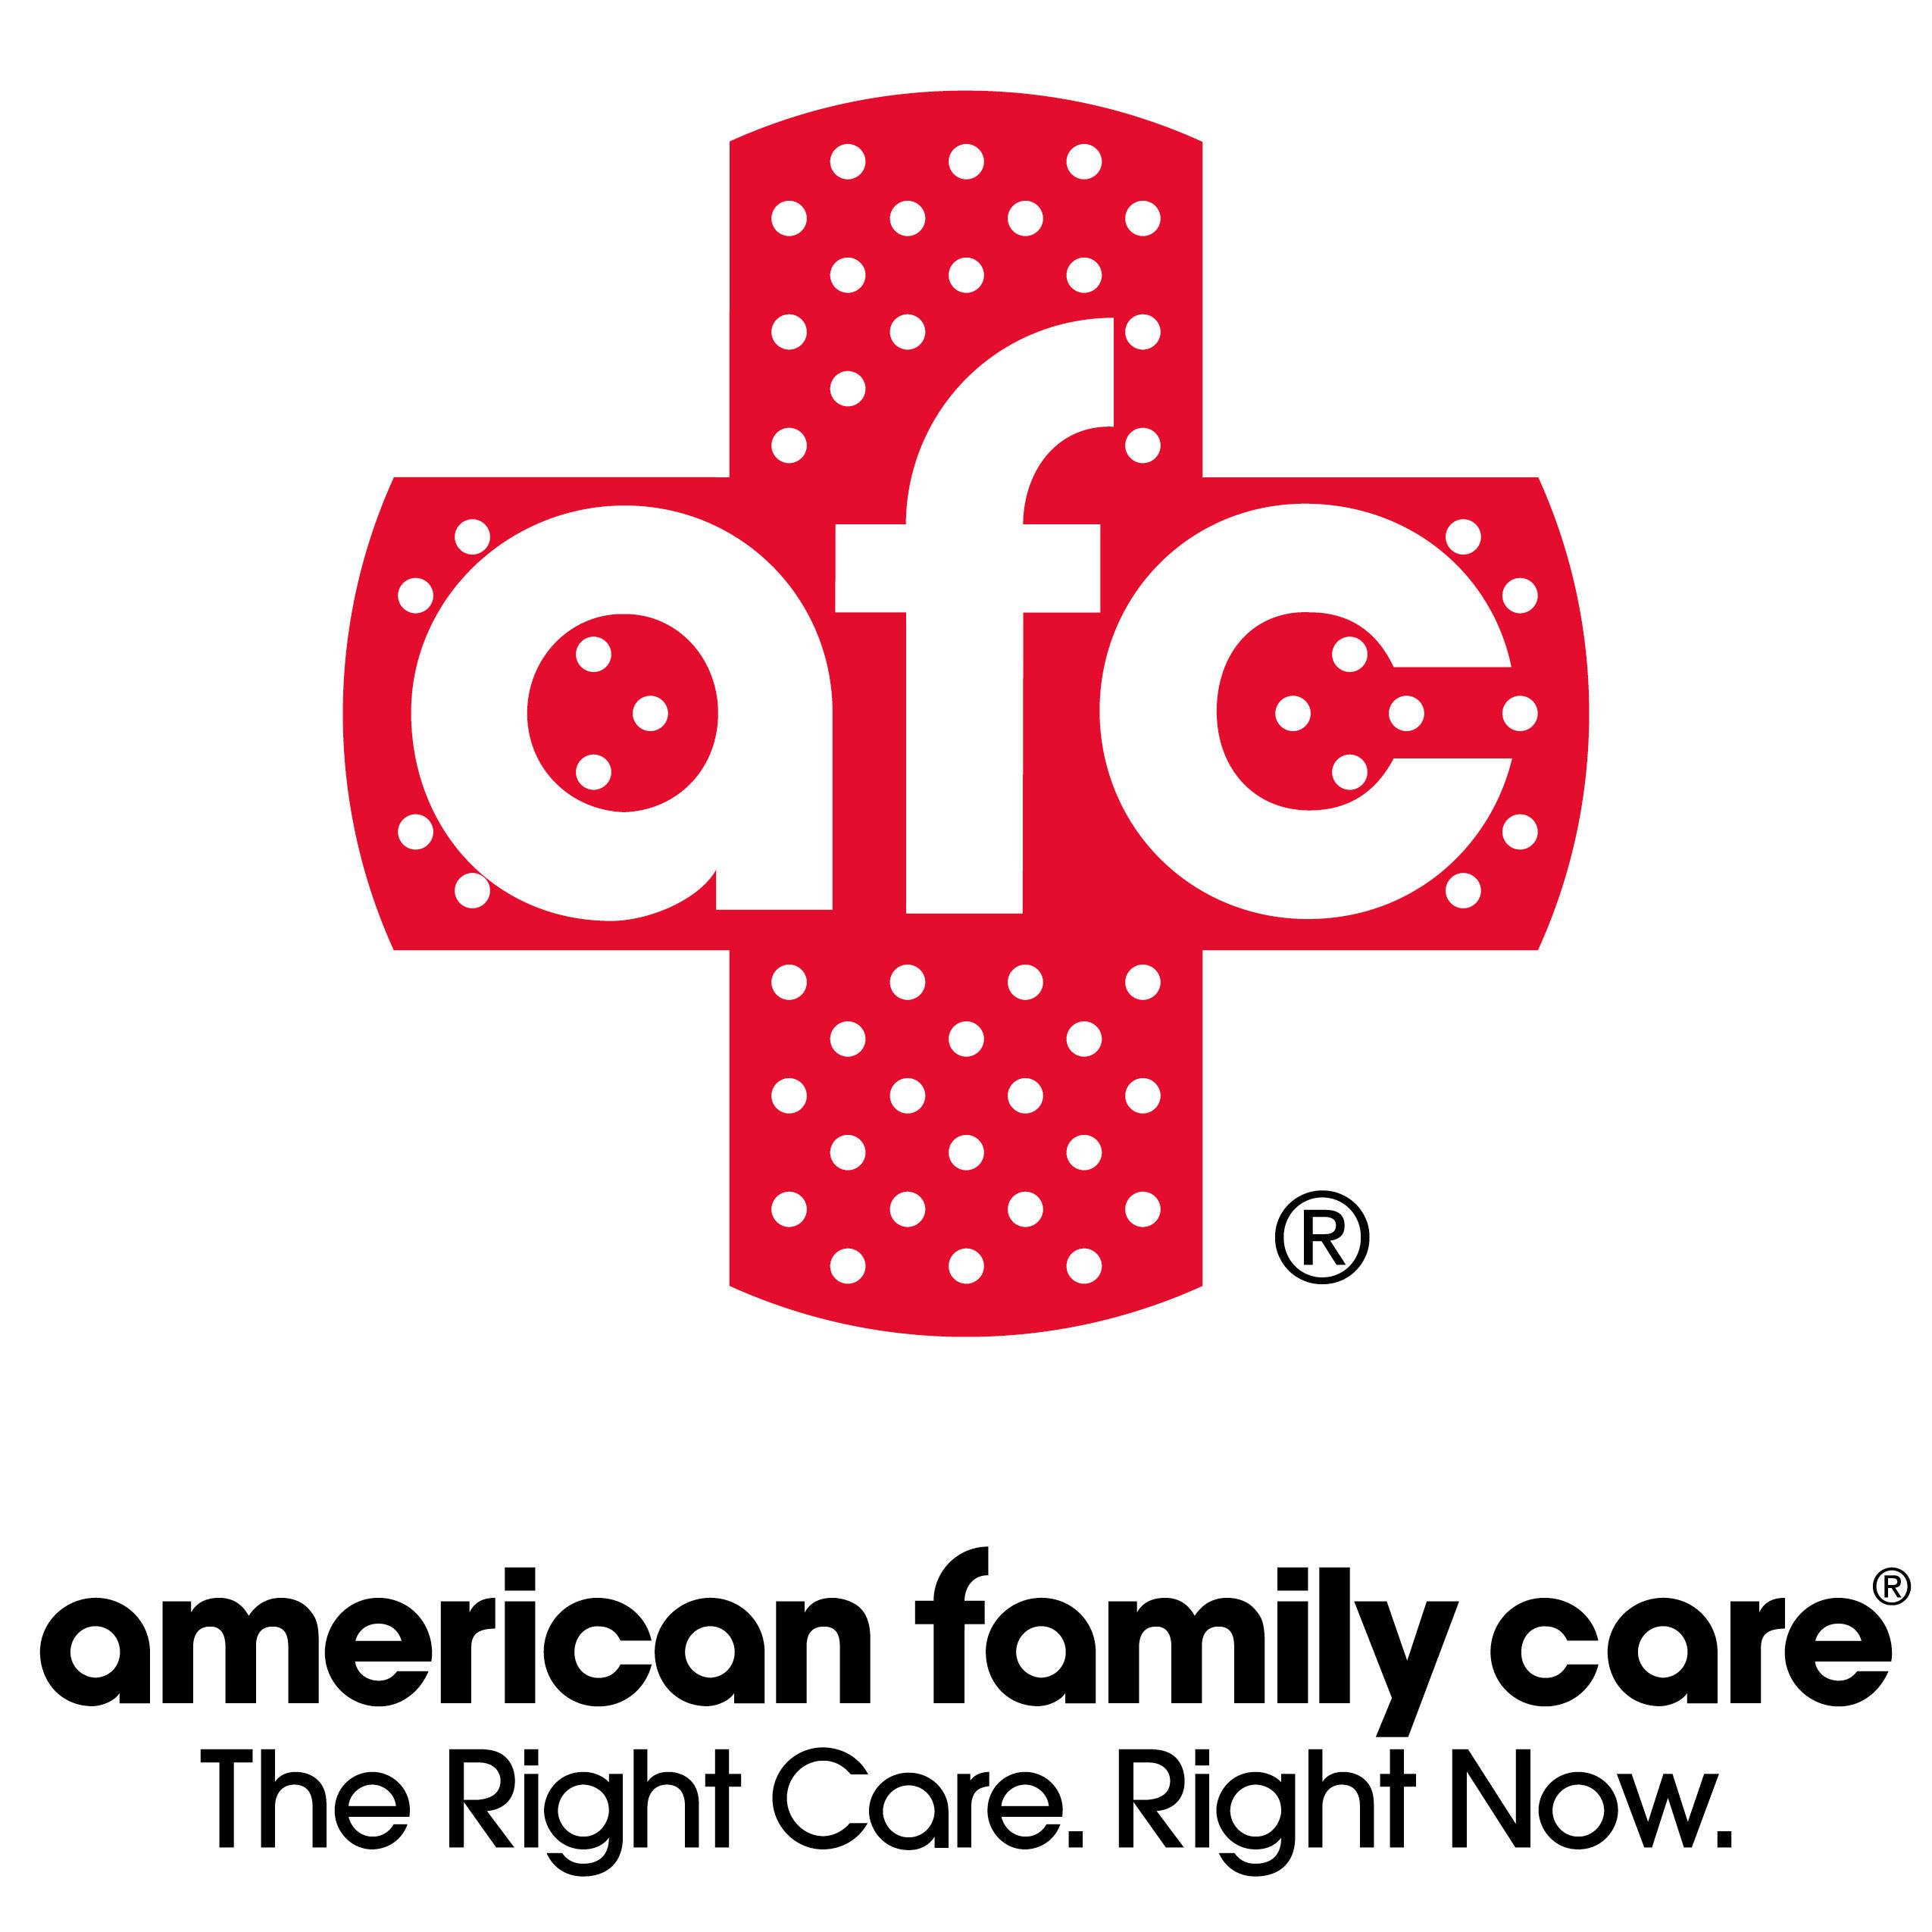 (PRNewsfoto/American Family Care)